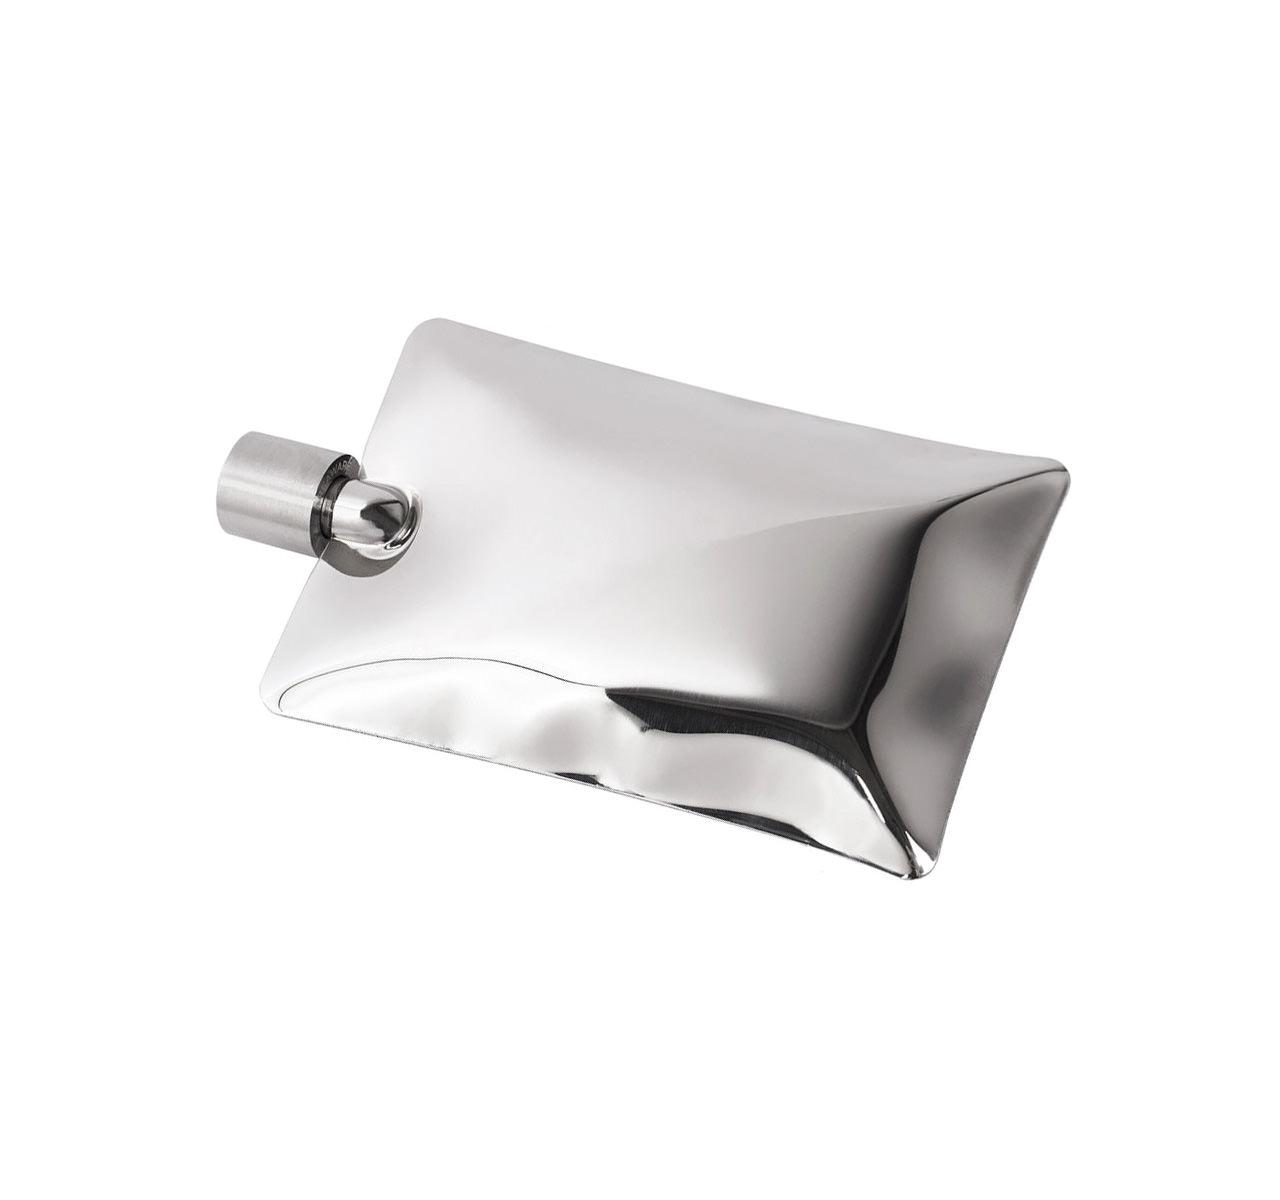 flasque design areaware liquid body flask